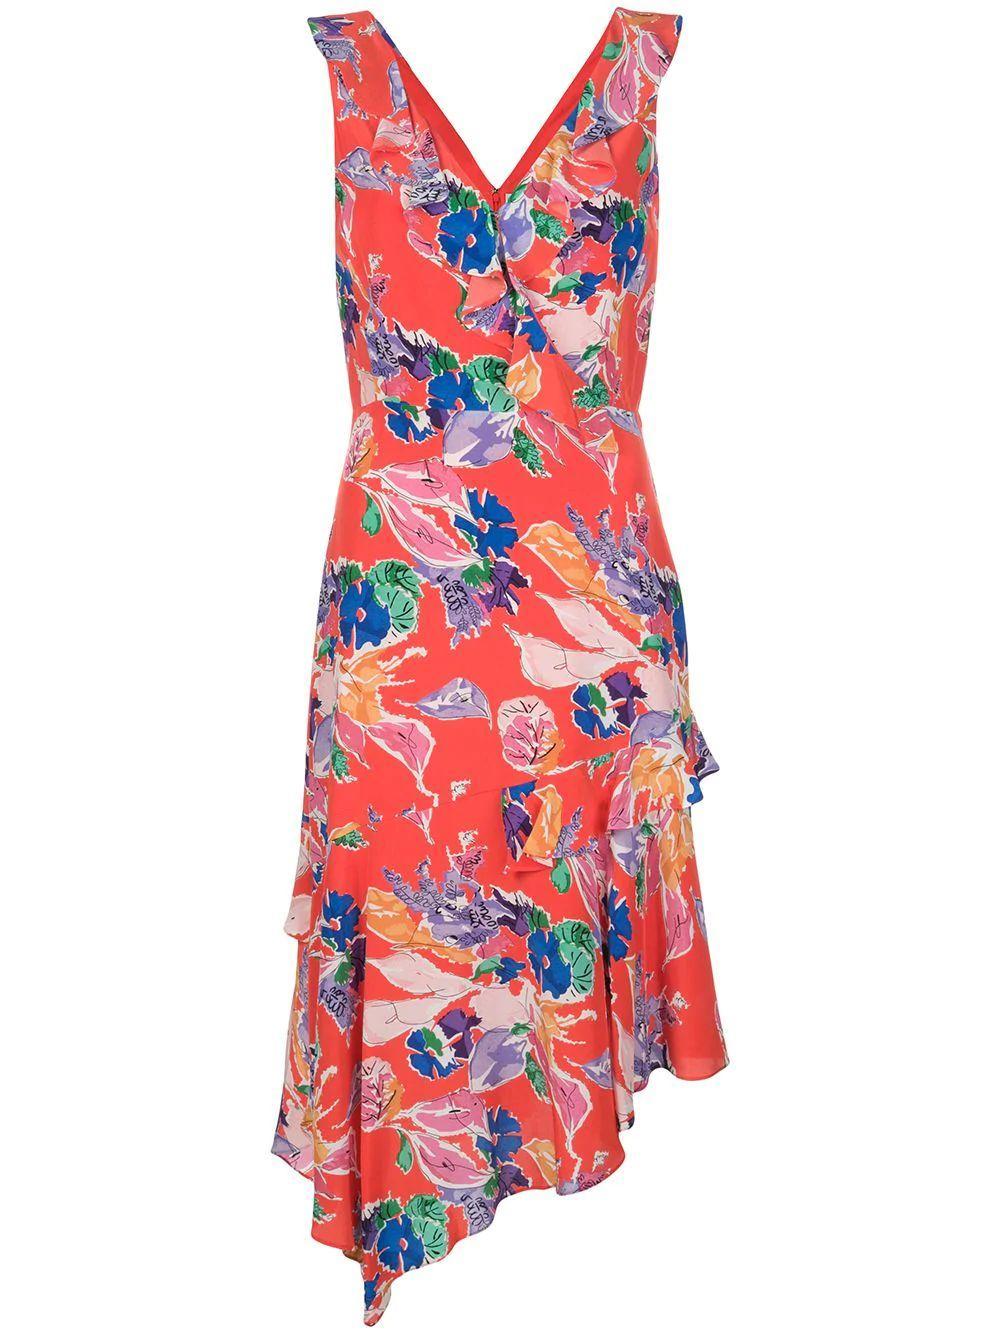 Bouquet Floral Silk Alexis Dress Item # 23AD61